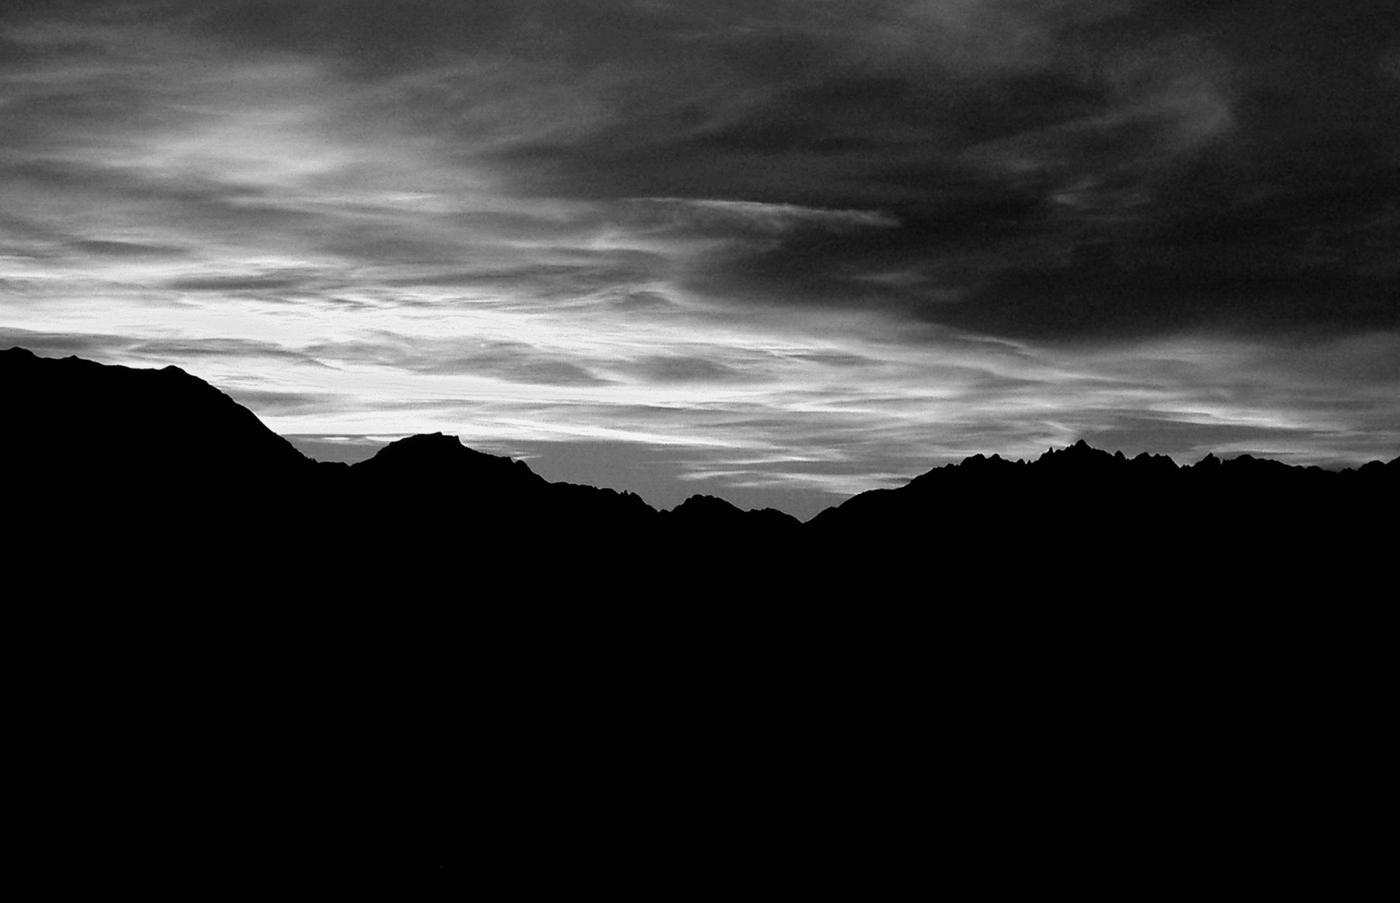 alpe noir et blanc - Fond d'écran - Kuldi i sal - Photos - Club ...